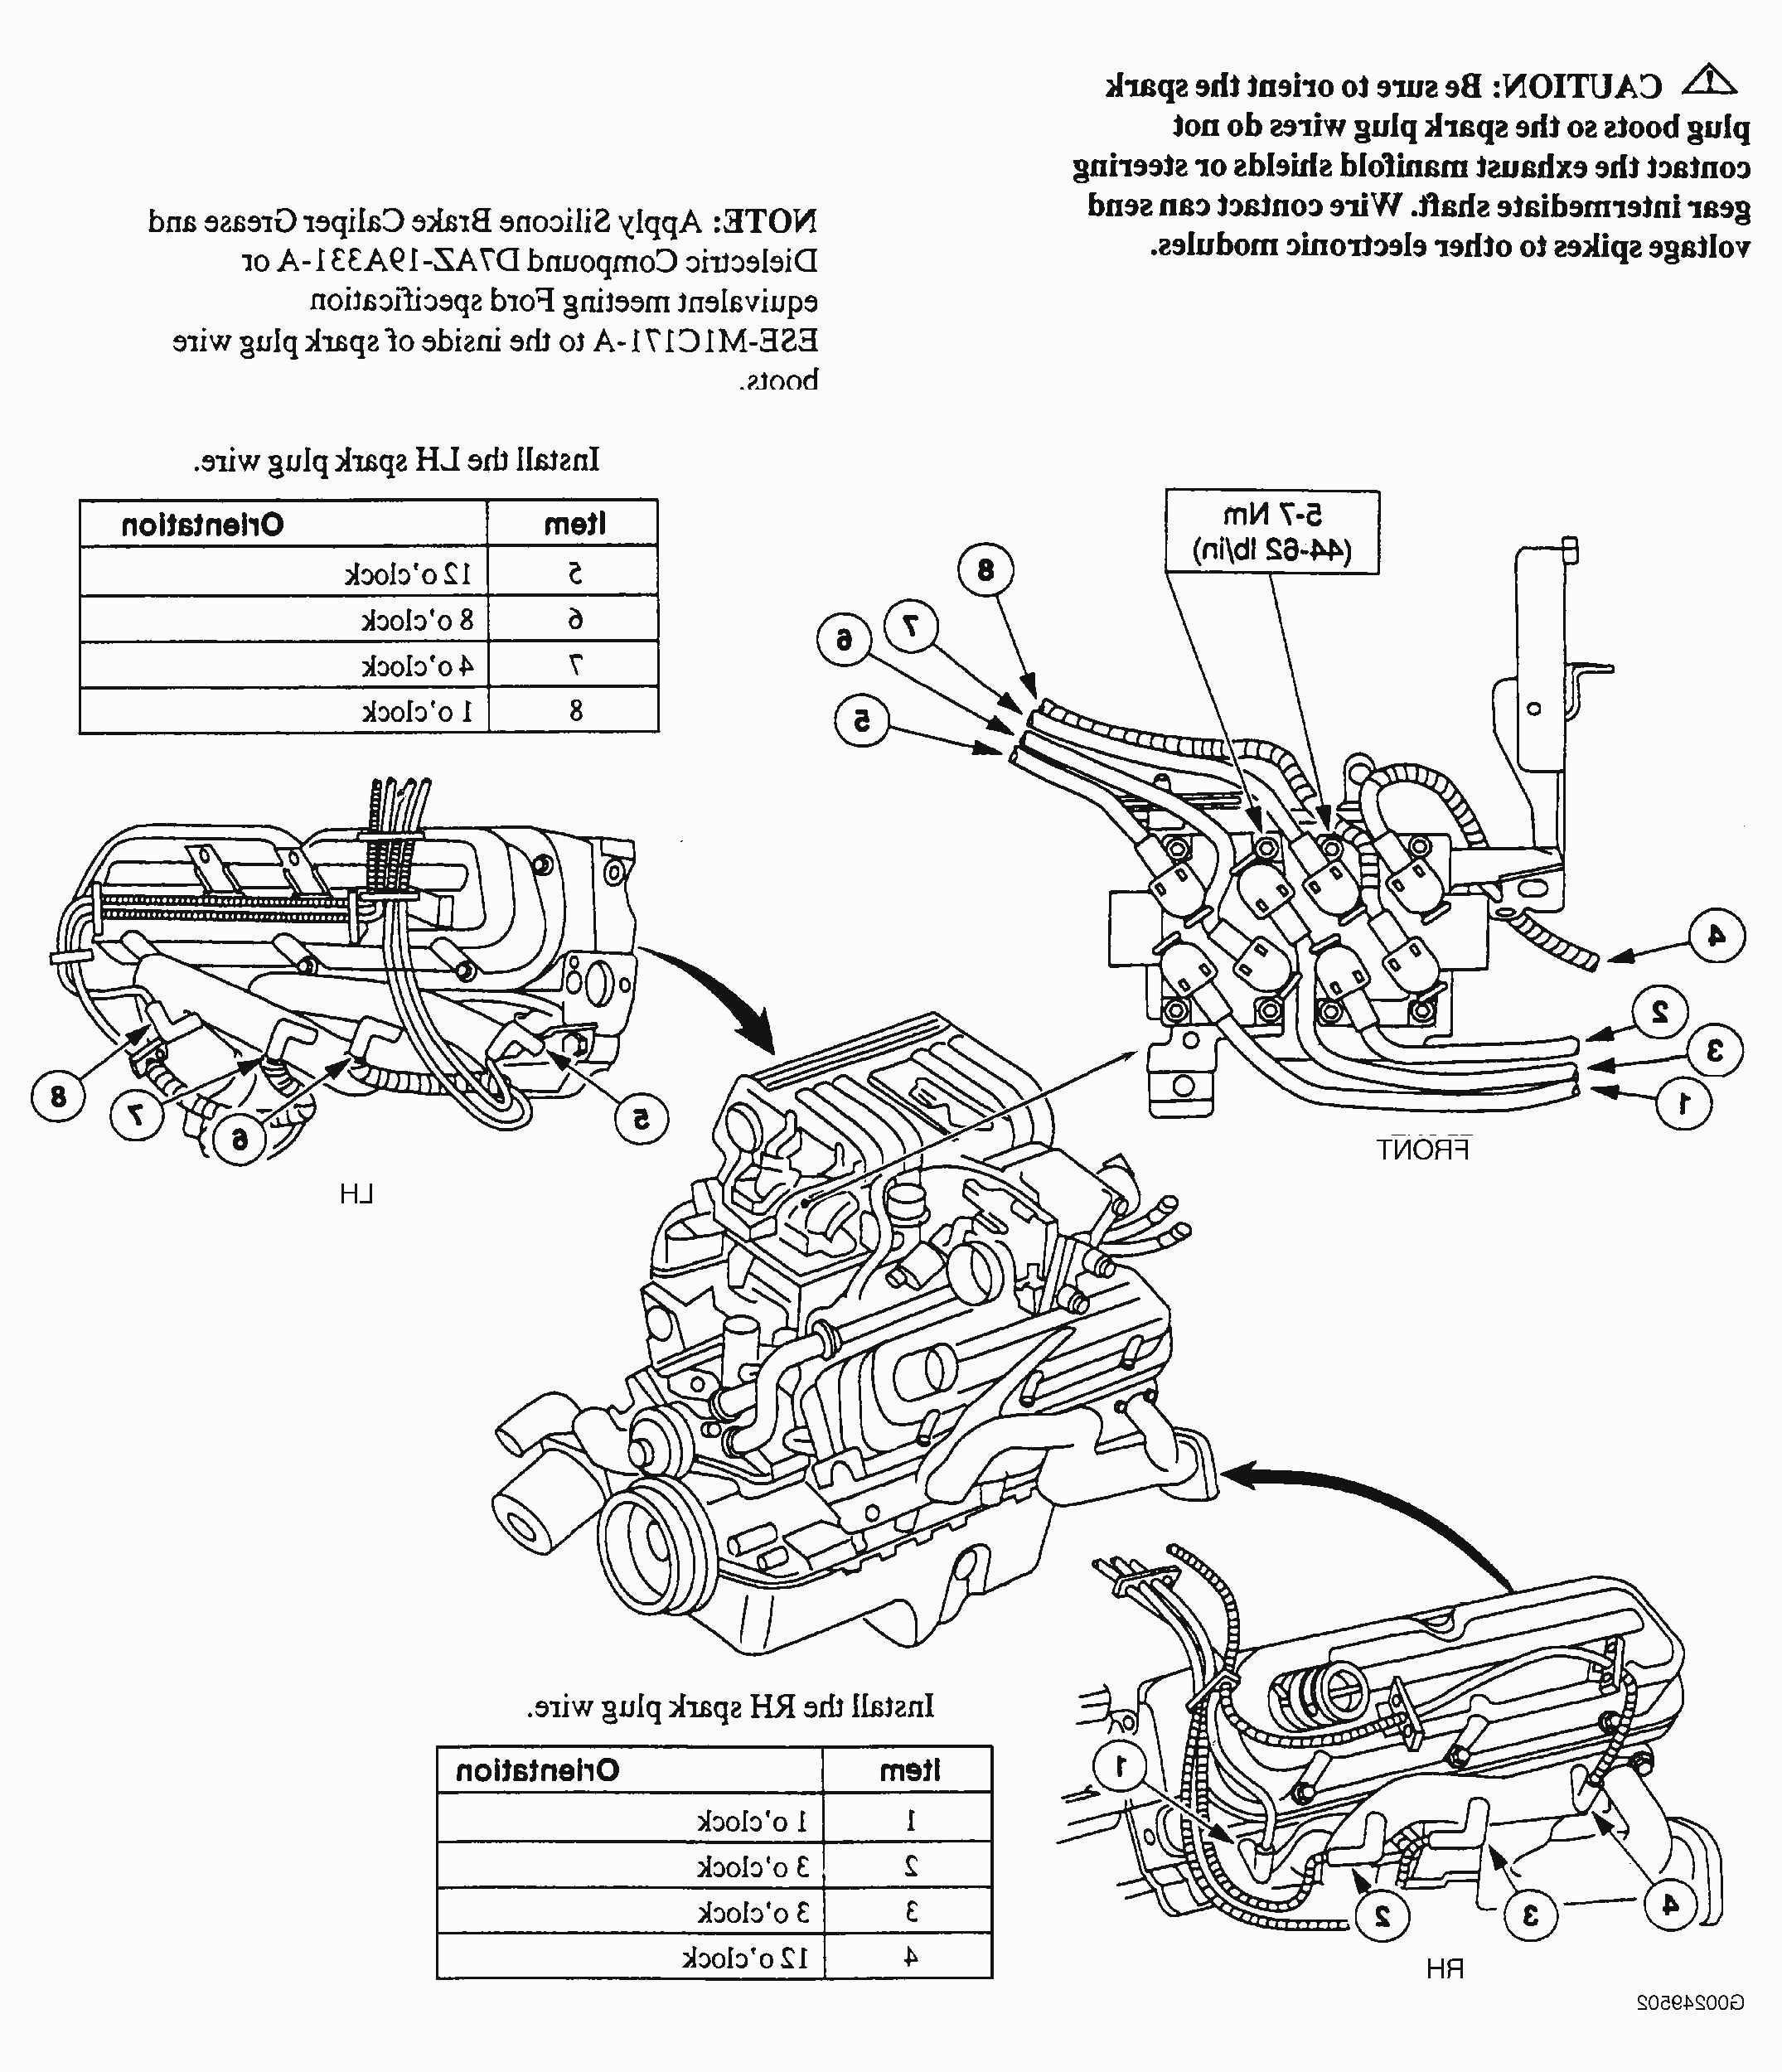 1994 ford Ranger Parts Diagram Lovely 99 ford Ranger Parts Of 1994 ford Ranger Parts Diagram